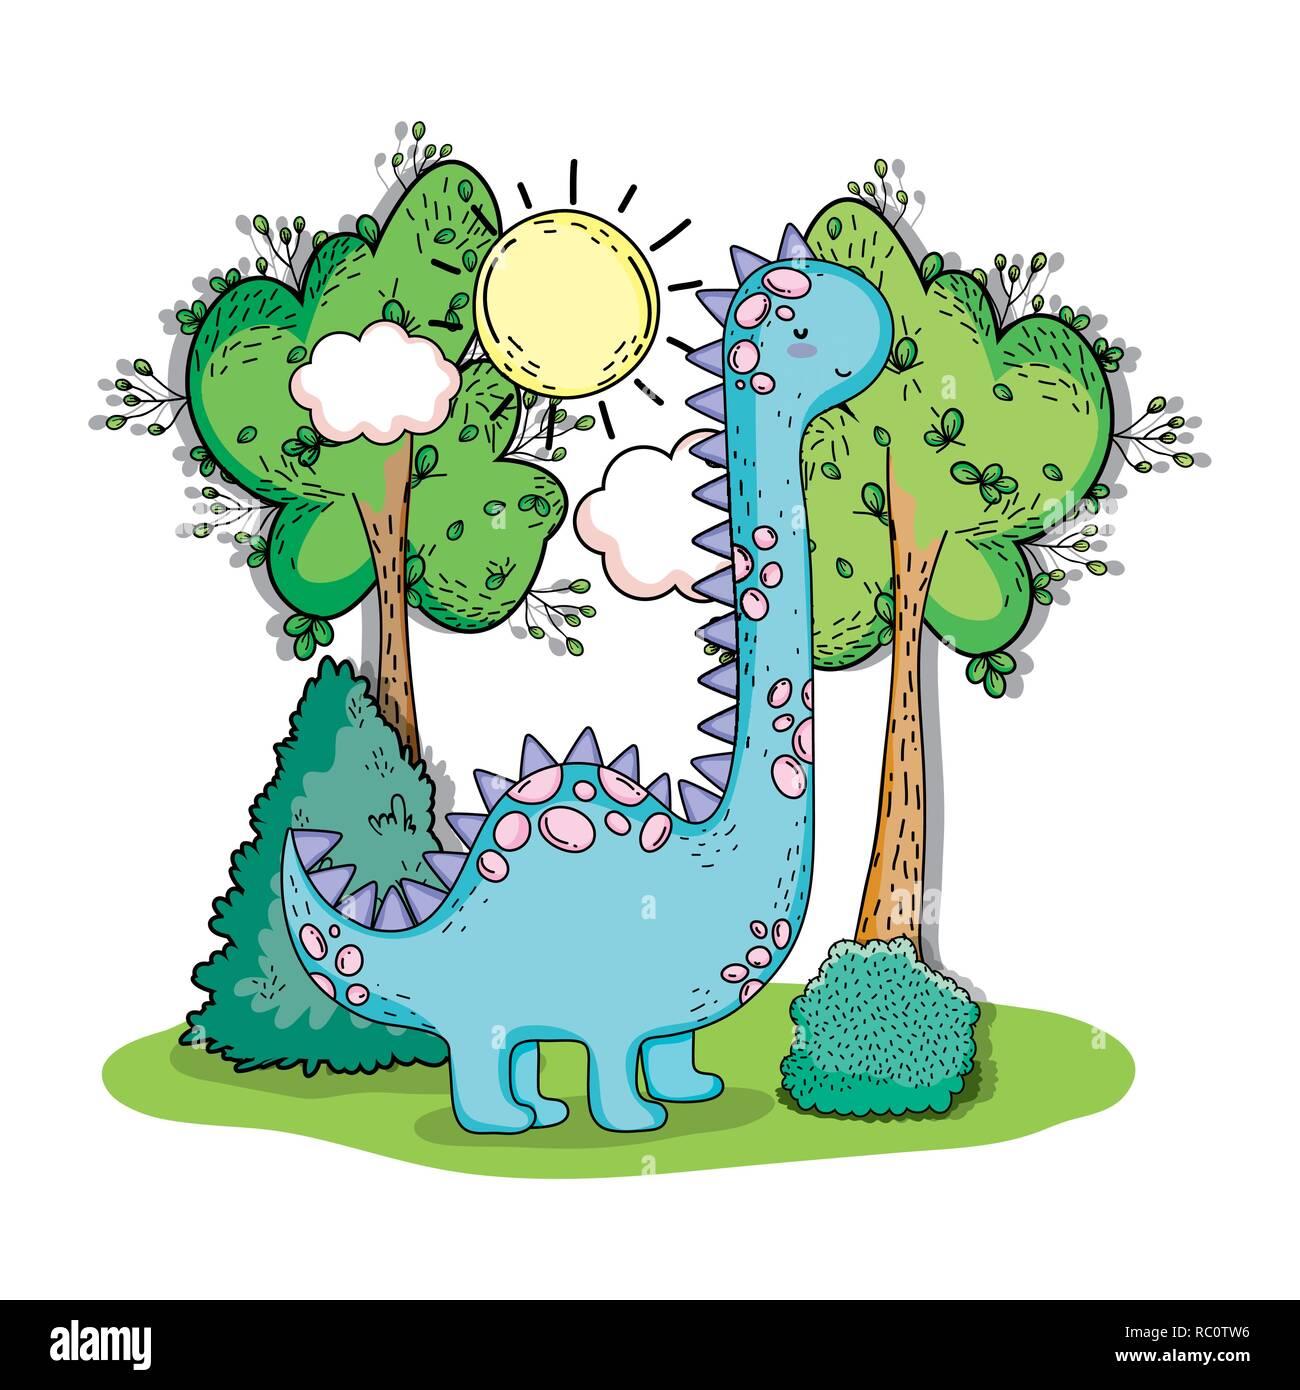 brontosaurus prehistoric dino animal with trees - Stock Image